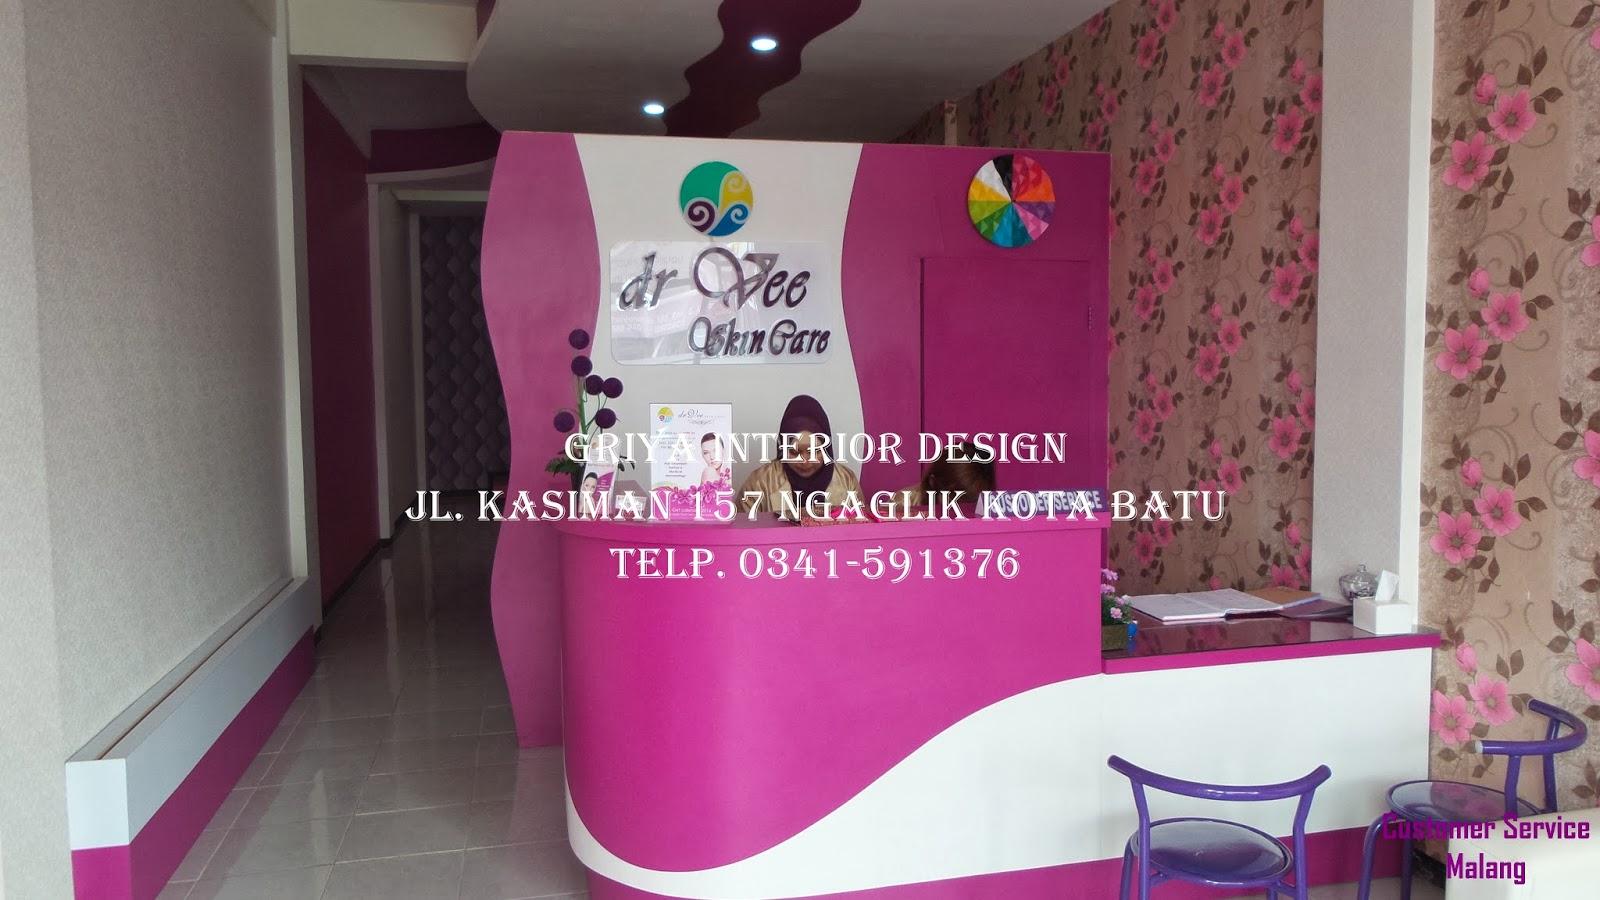 Gambar 1. Customer Service